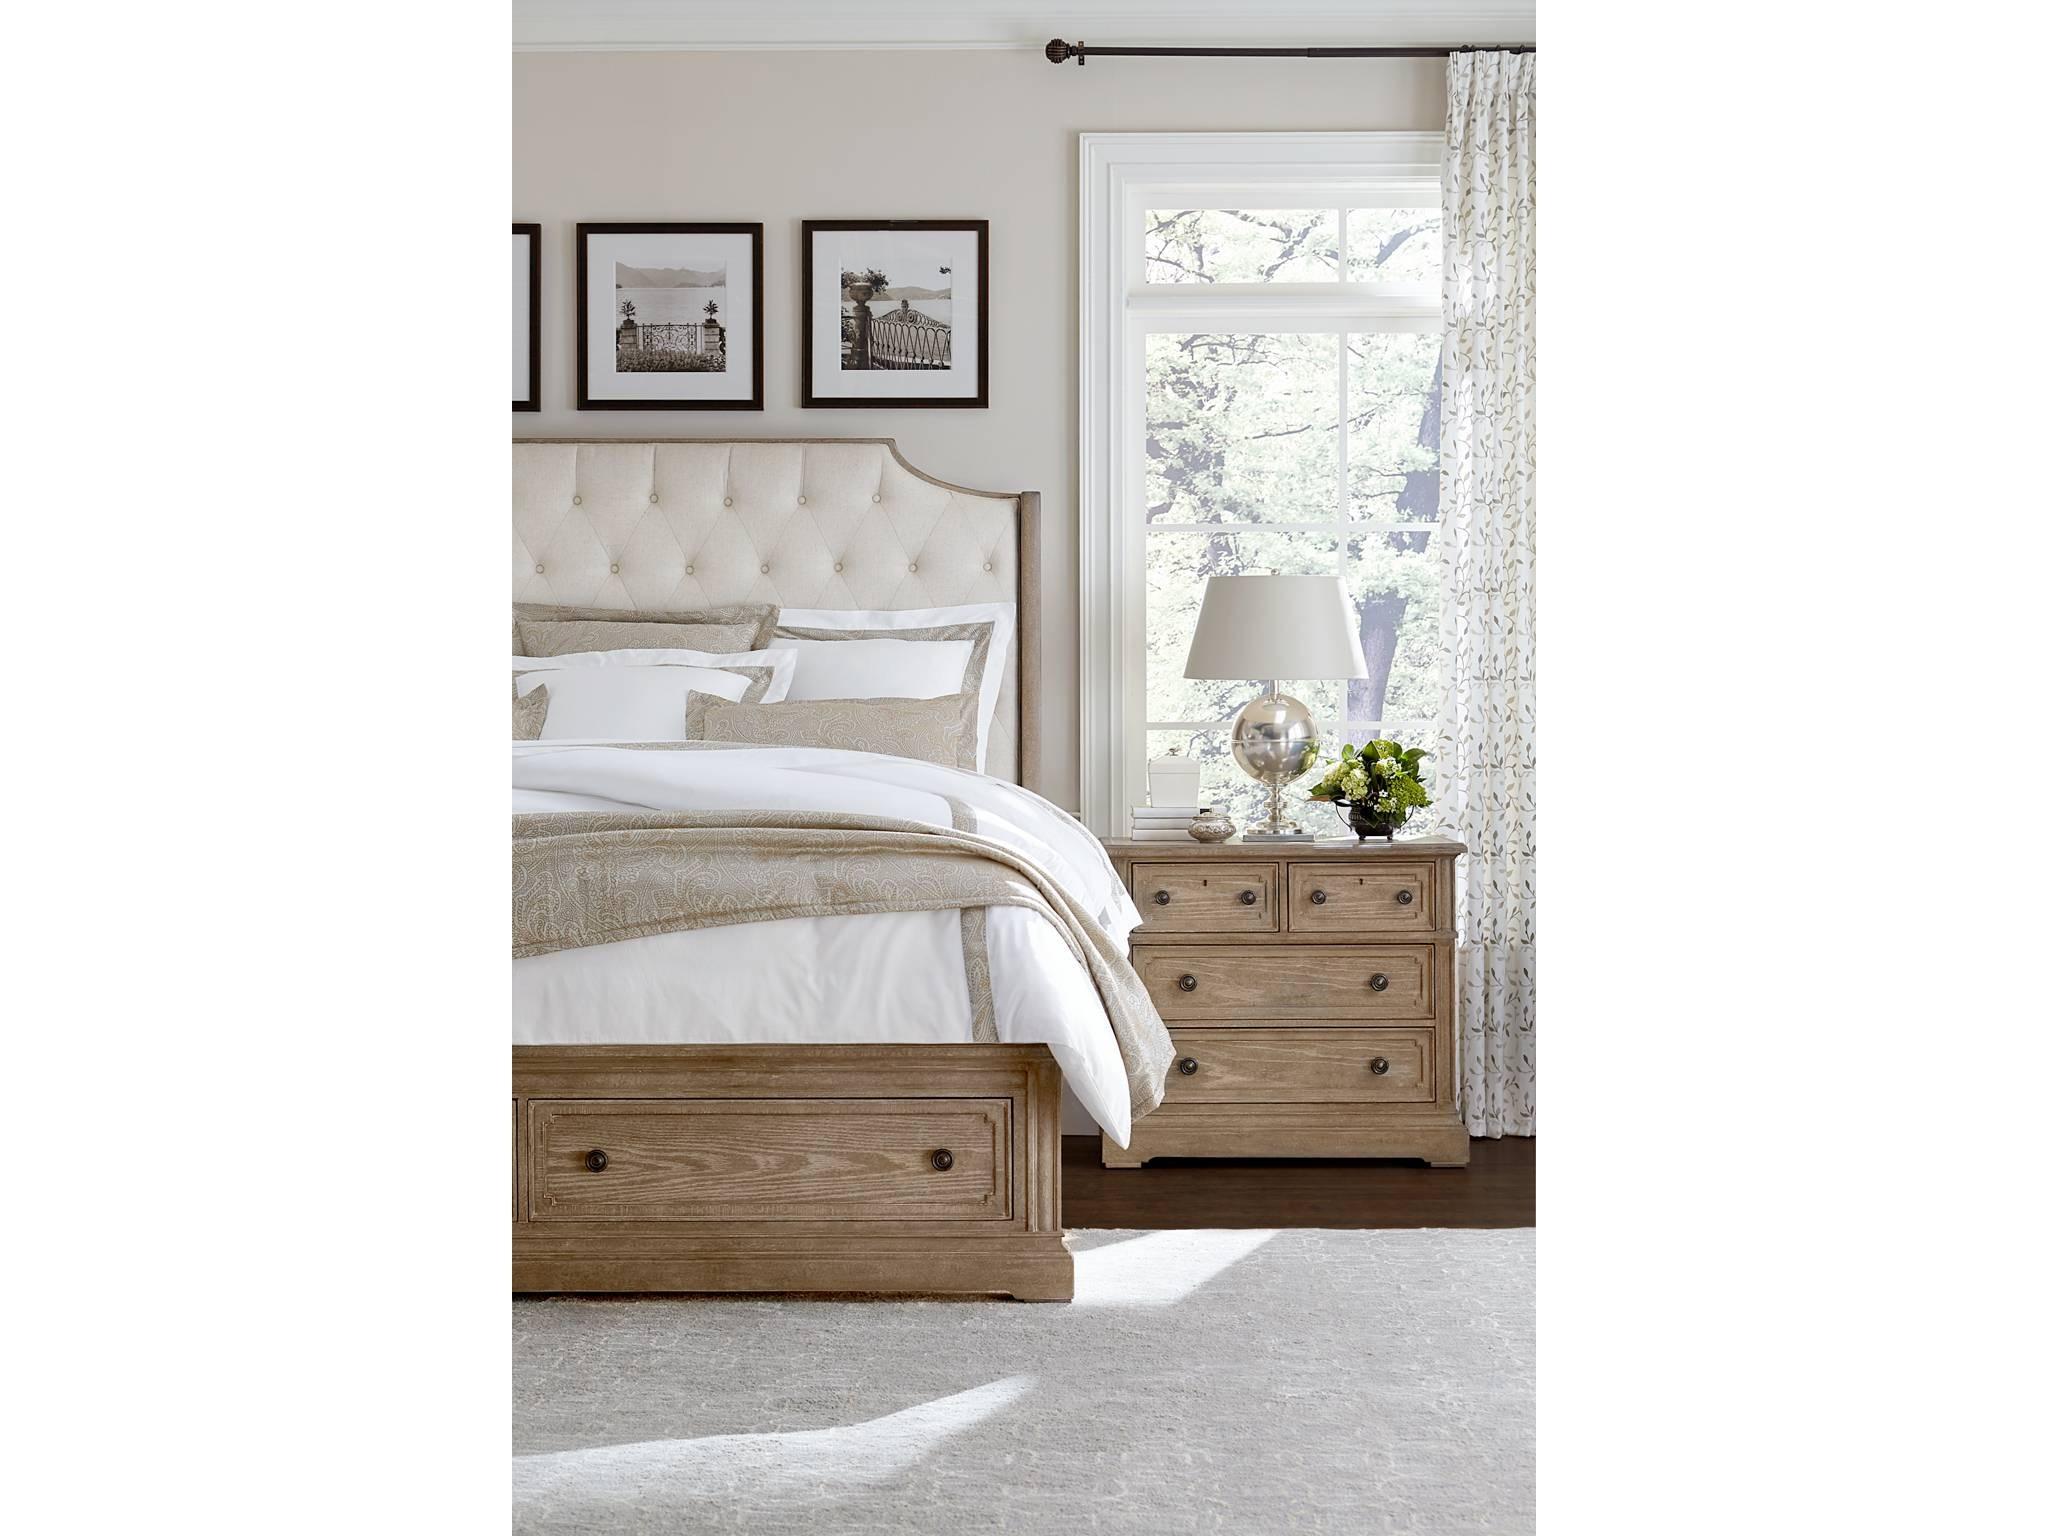 Stanley Furniture Upholstered Storage Bed King 518 13 49